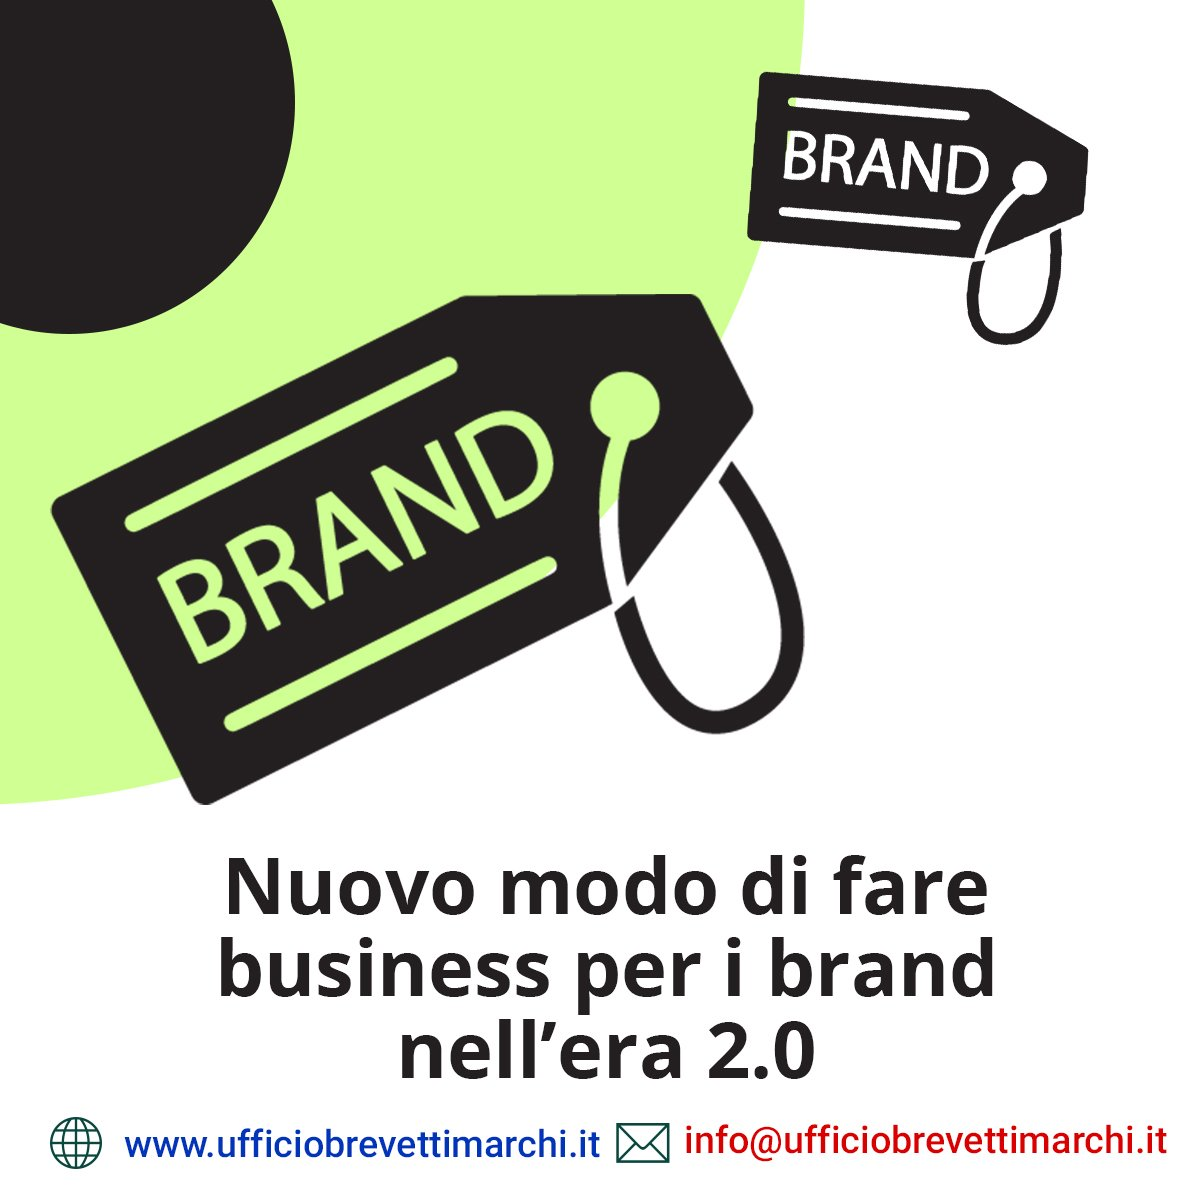 Nuovo-modo-di-fare-business-per-i-brand